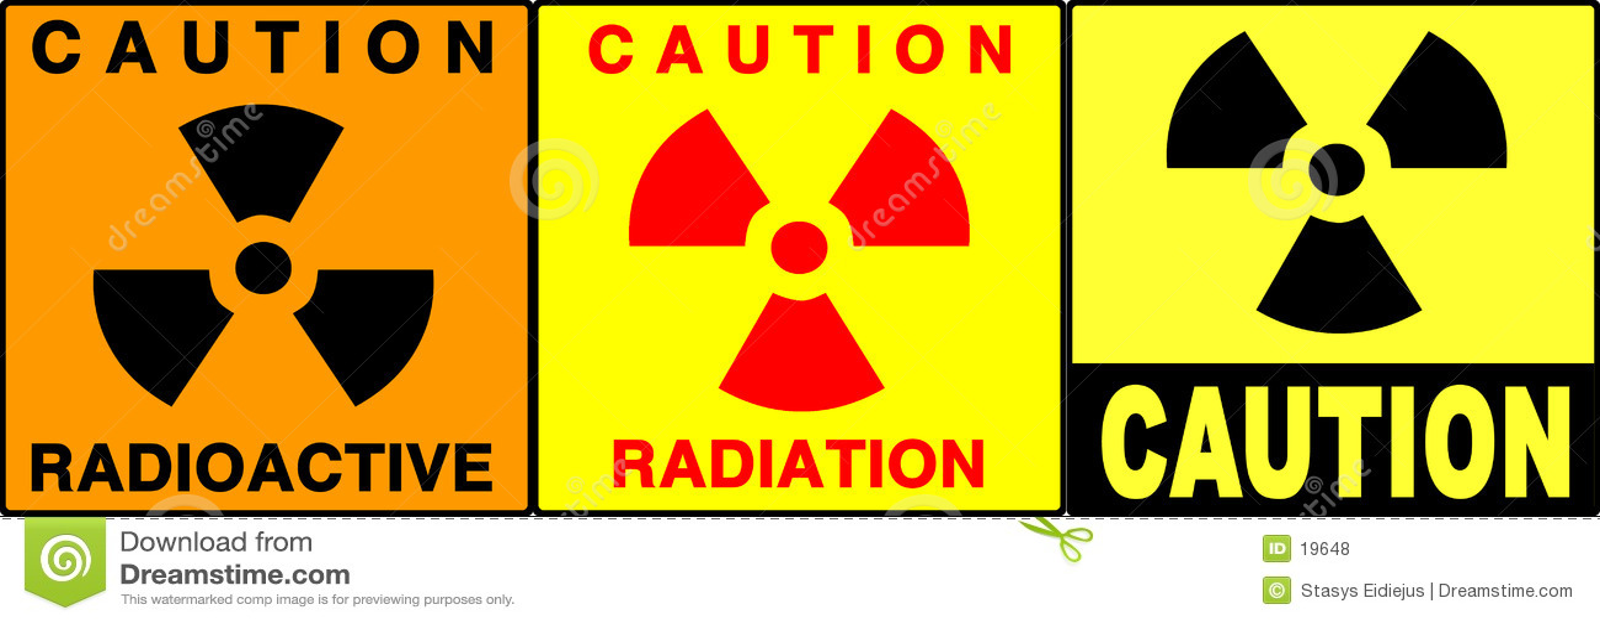 小心集合符号警告